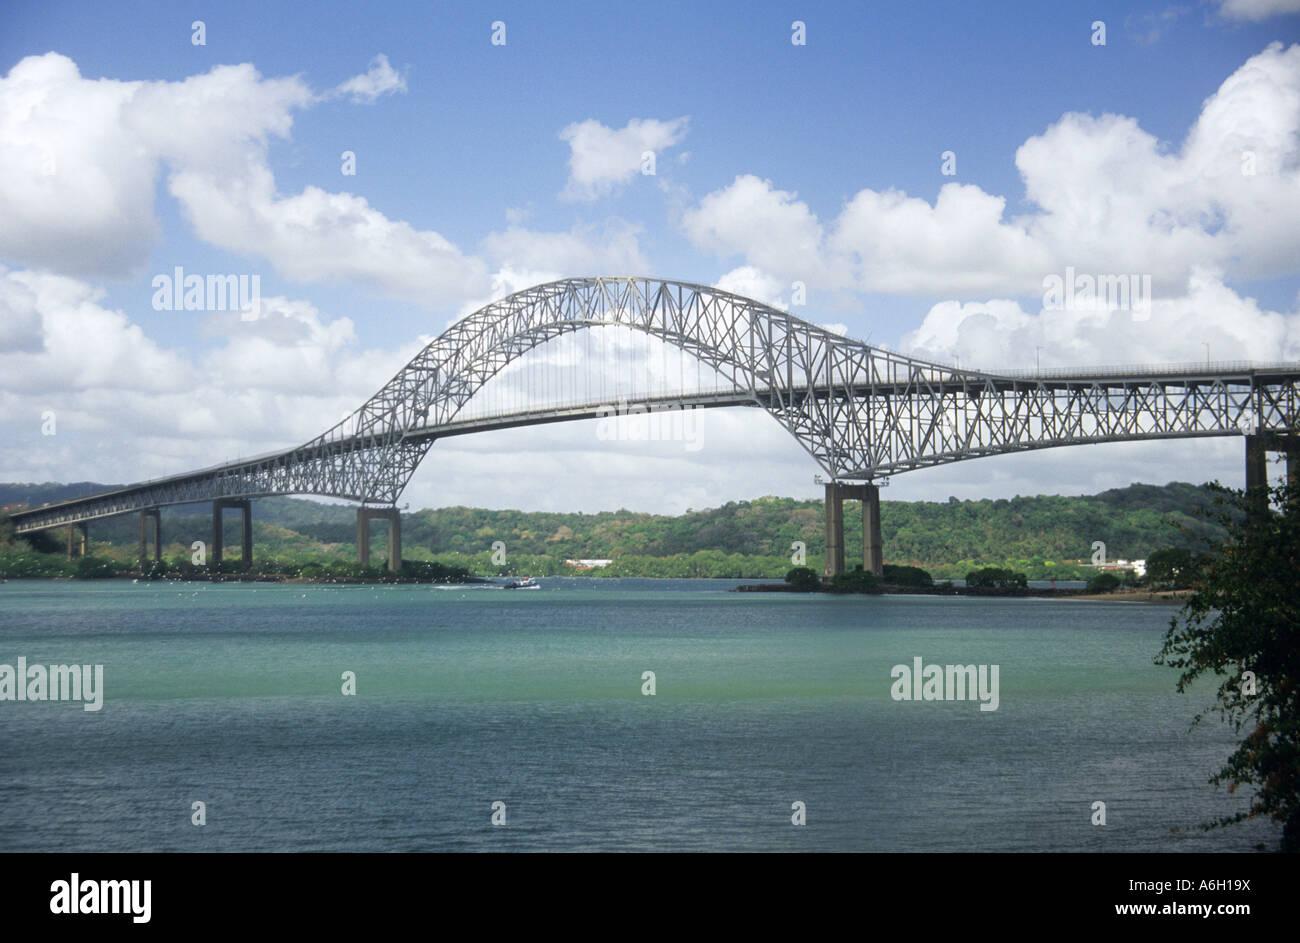 Bridge of the americas panama - Stock Image